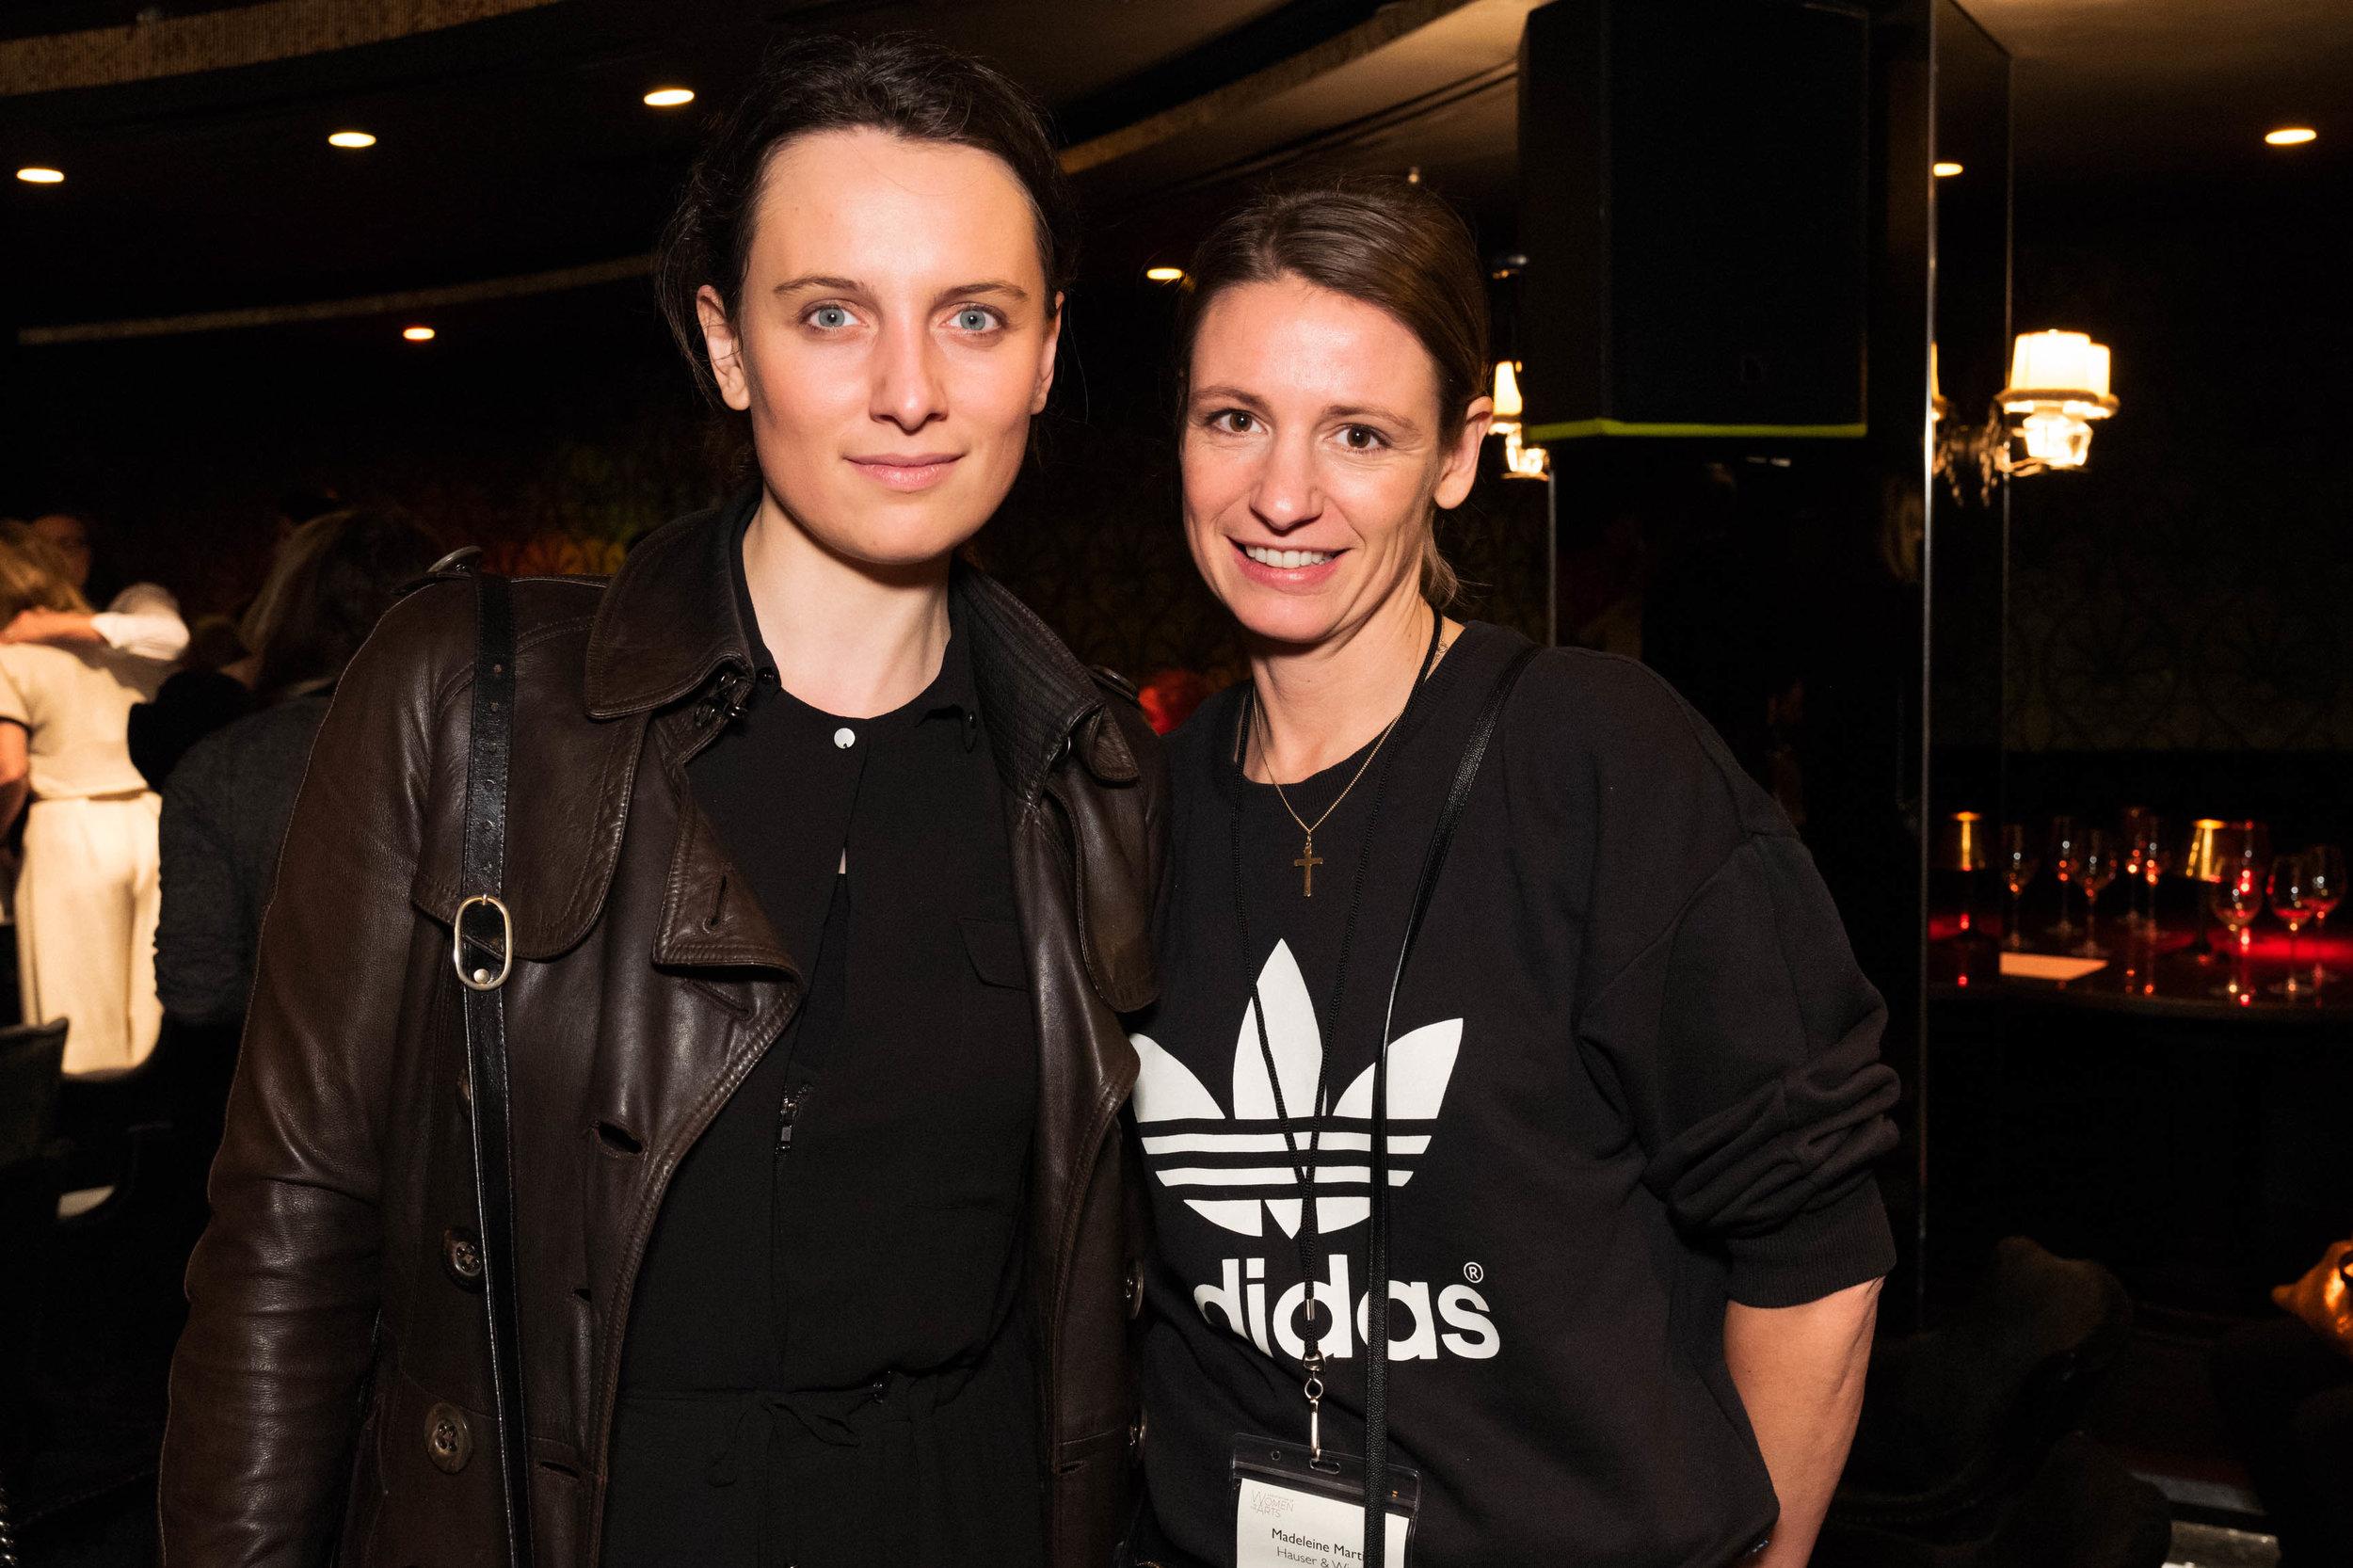 Anna Szkalska and Madeleine Martin